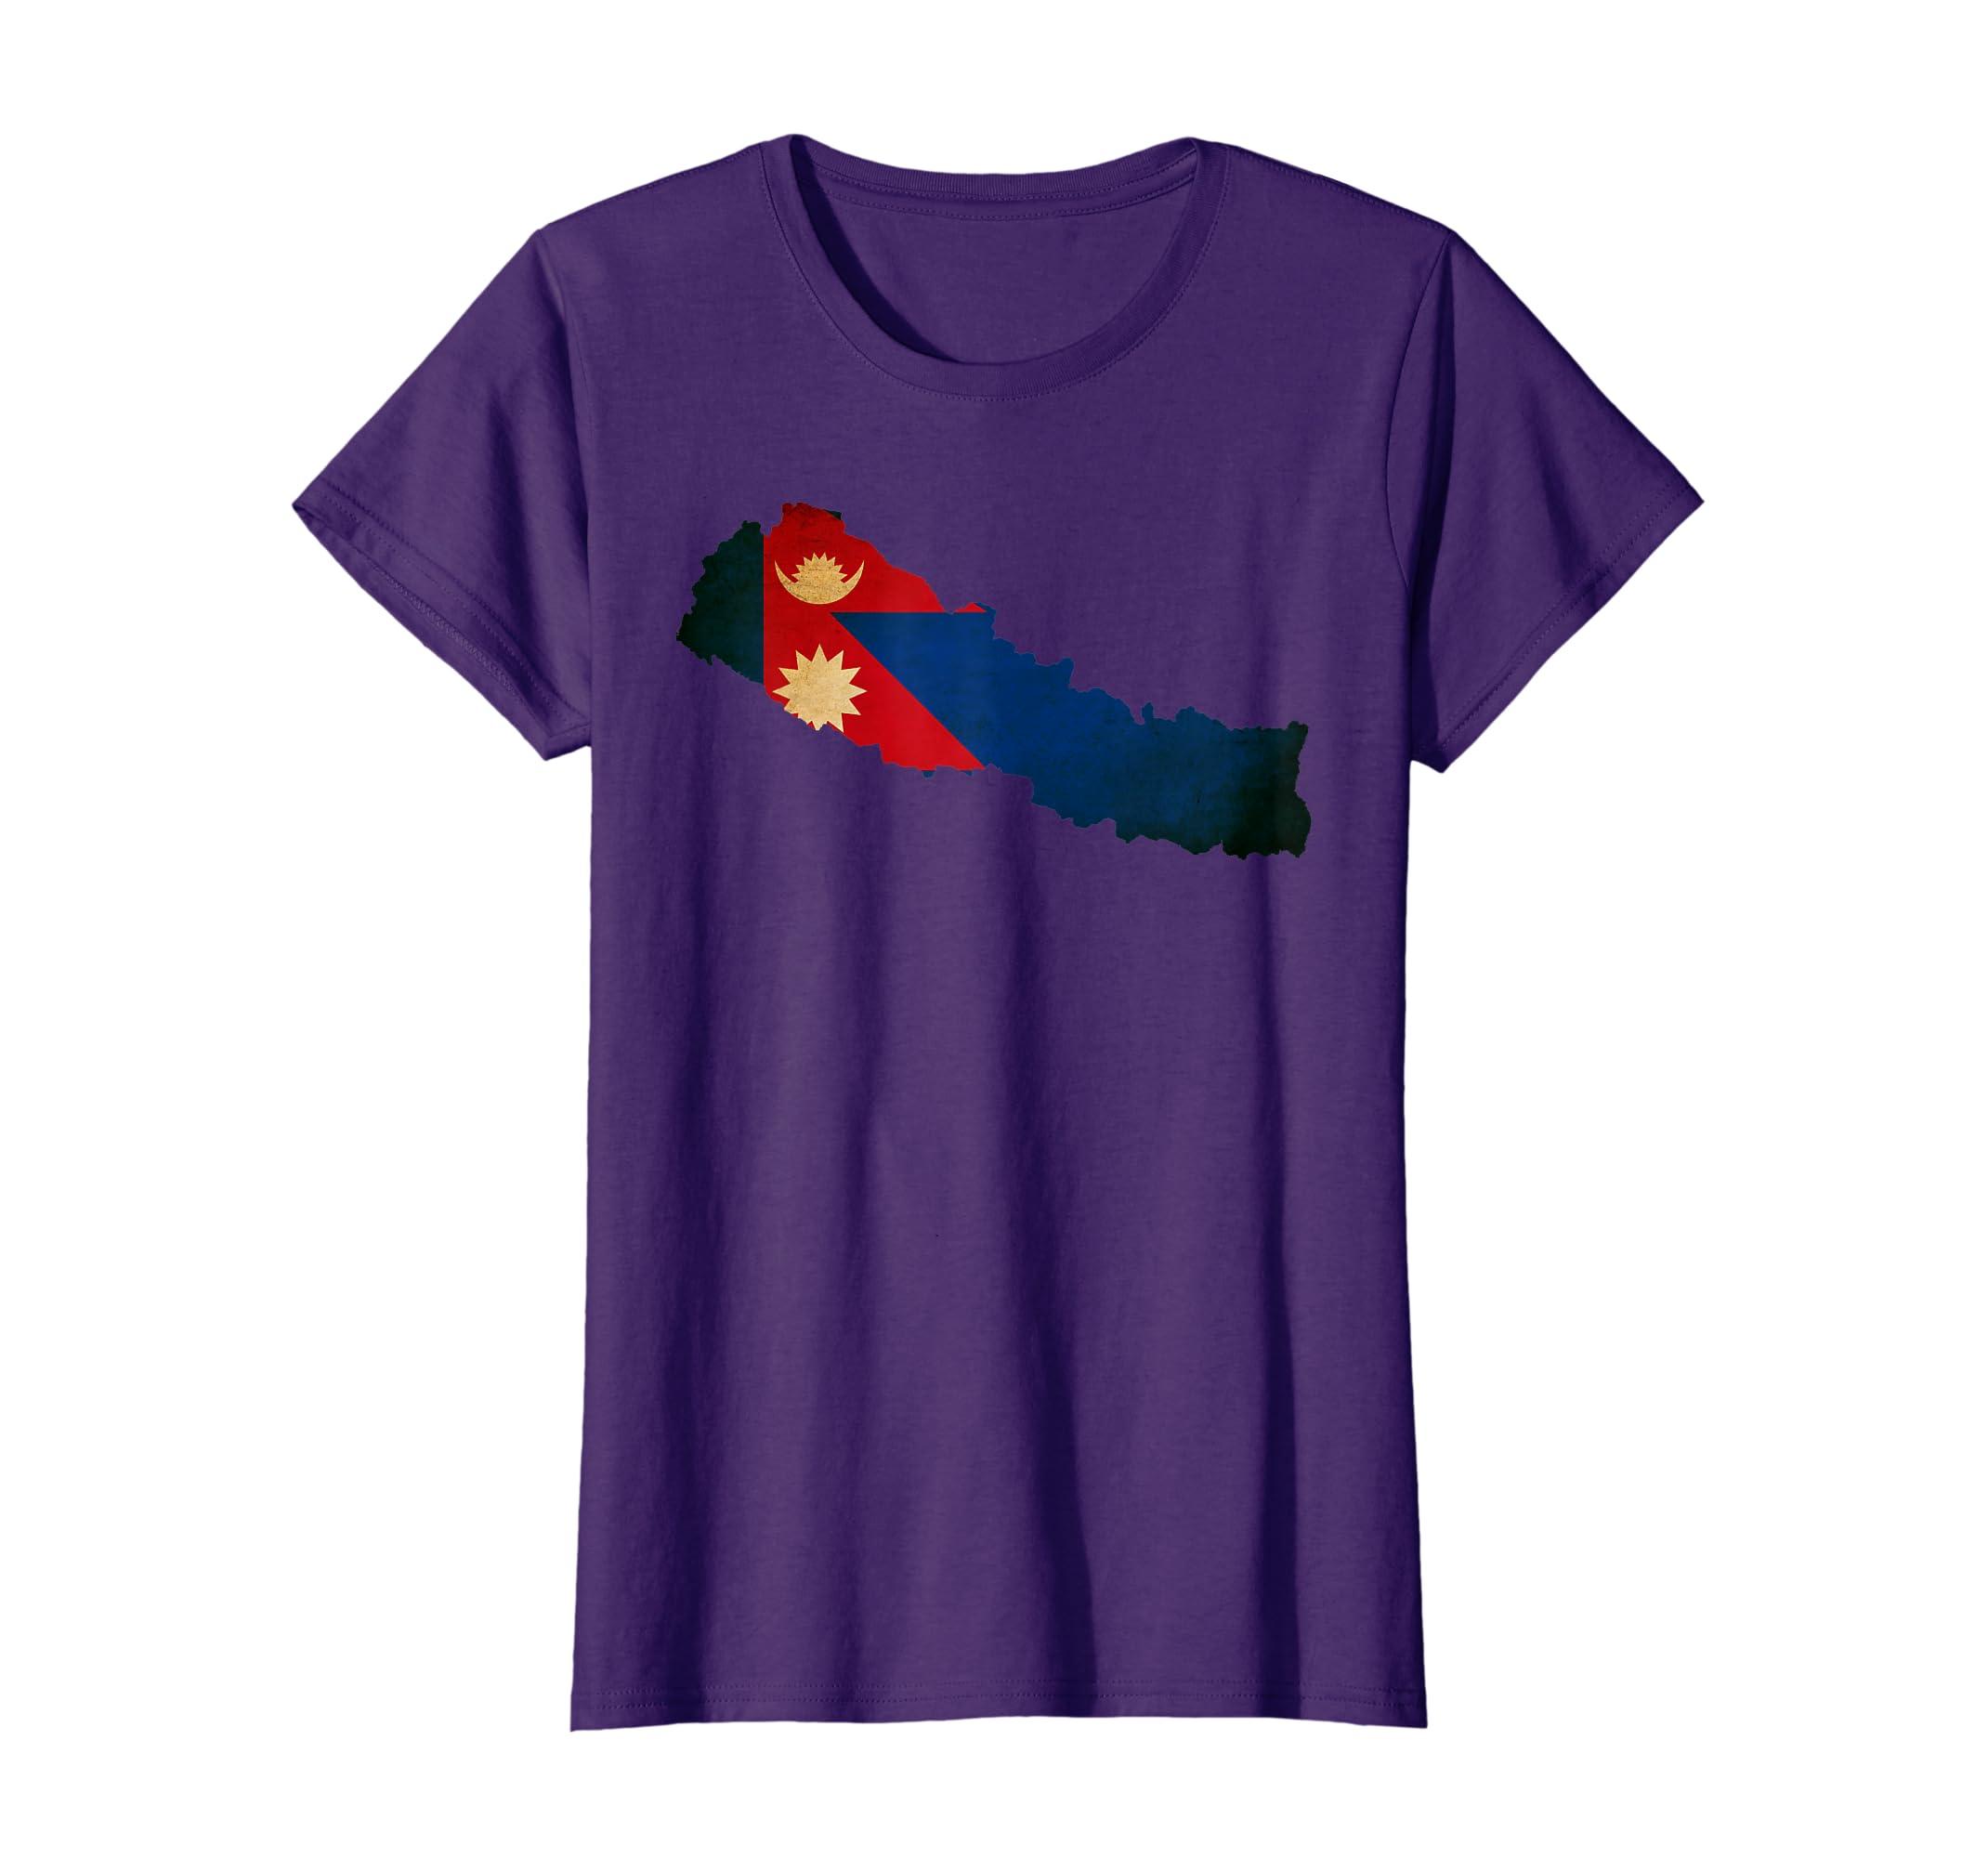 Amazon.com: Nepal Flag Map T Shirt: Clothing